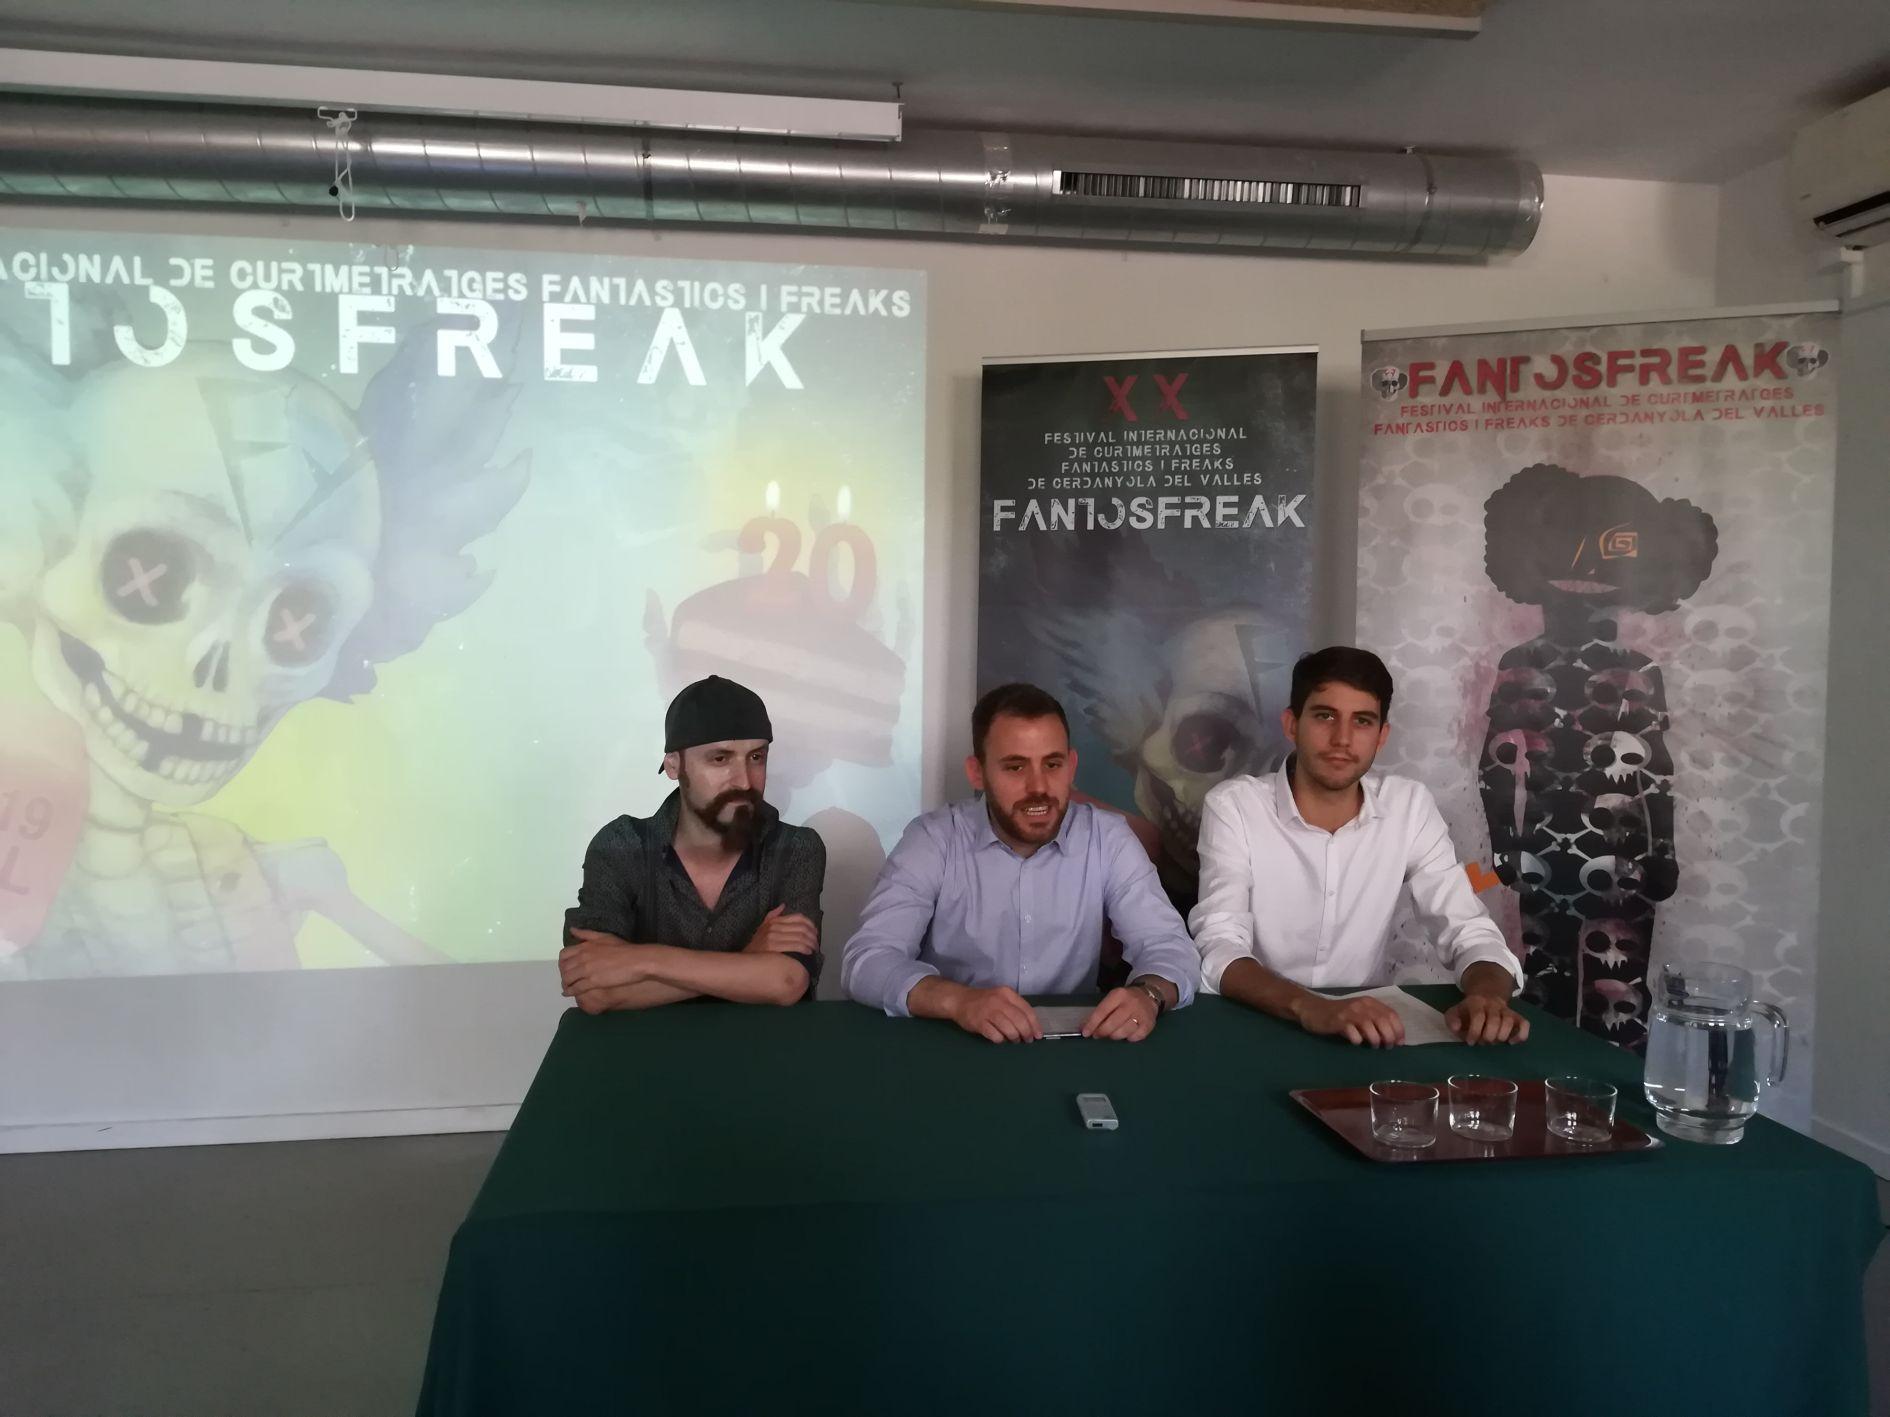 D'esquerra a dreta, Rafa Dengrà, Carlos Cordón i David González